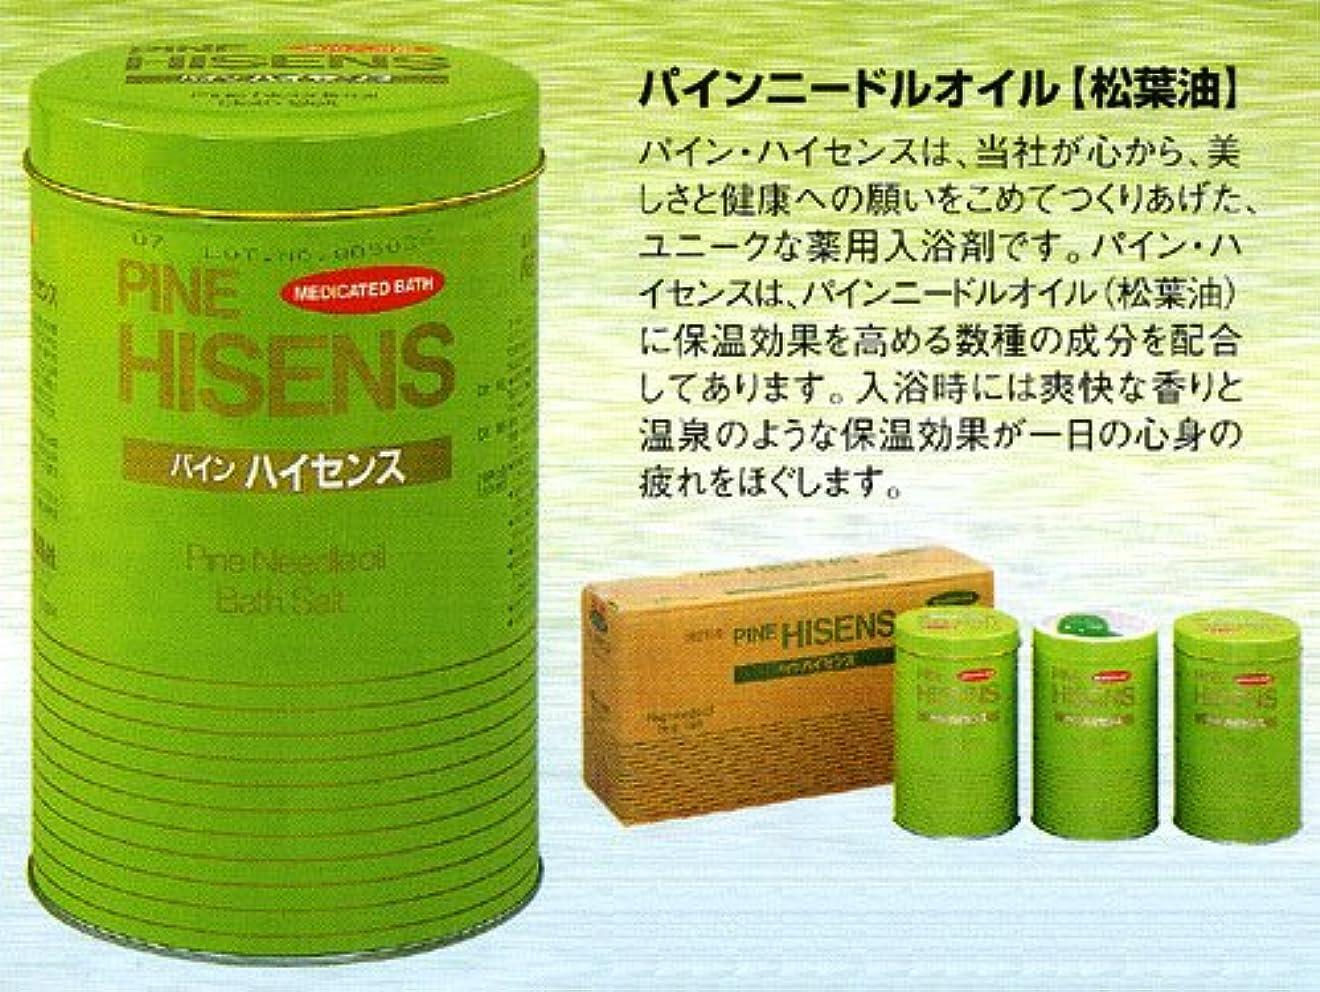 聴覚障害者遠近法オゾン高陽社 薬用入浴剤 パインハイセンス 2.1kg 3缶セット